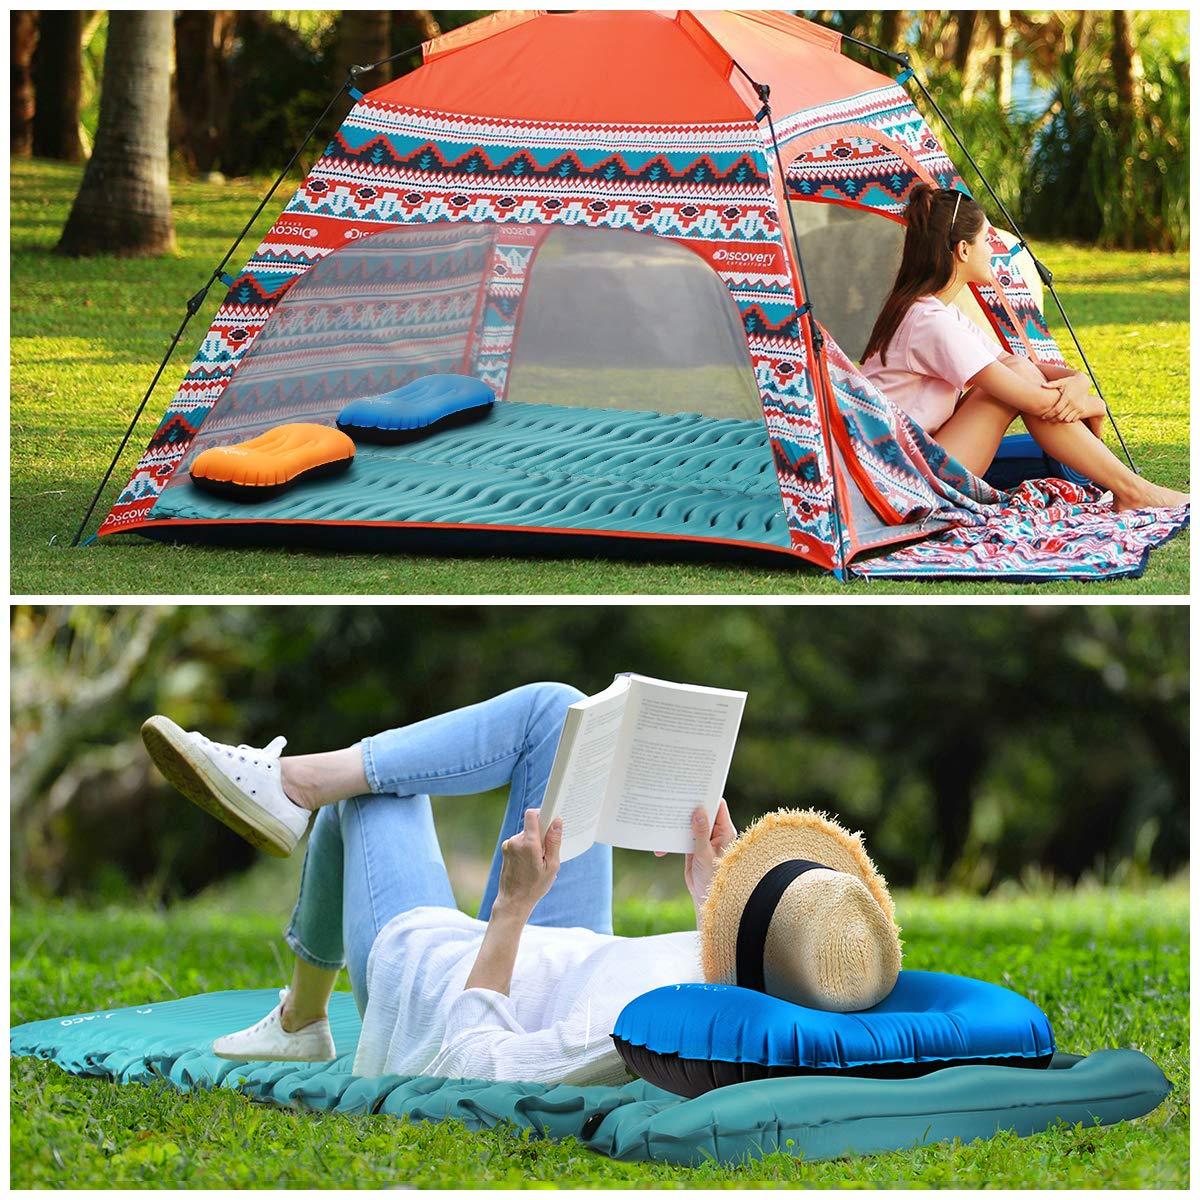 Schlafmatte Luftbett f/ür Outdoor wandern RYACO Isomatte Aufblasbare Luftmatte Ultraleicht Kleines Packma/ß Camping Matratze mit Airbag Reise Strand Trekking und Backpacking